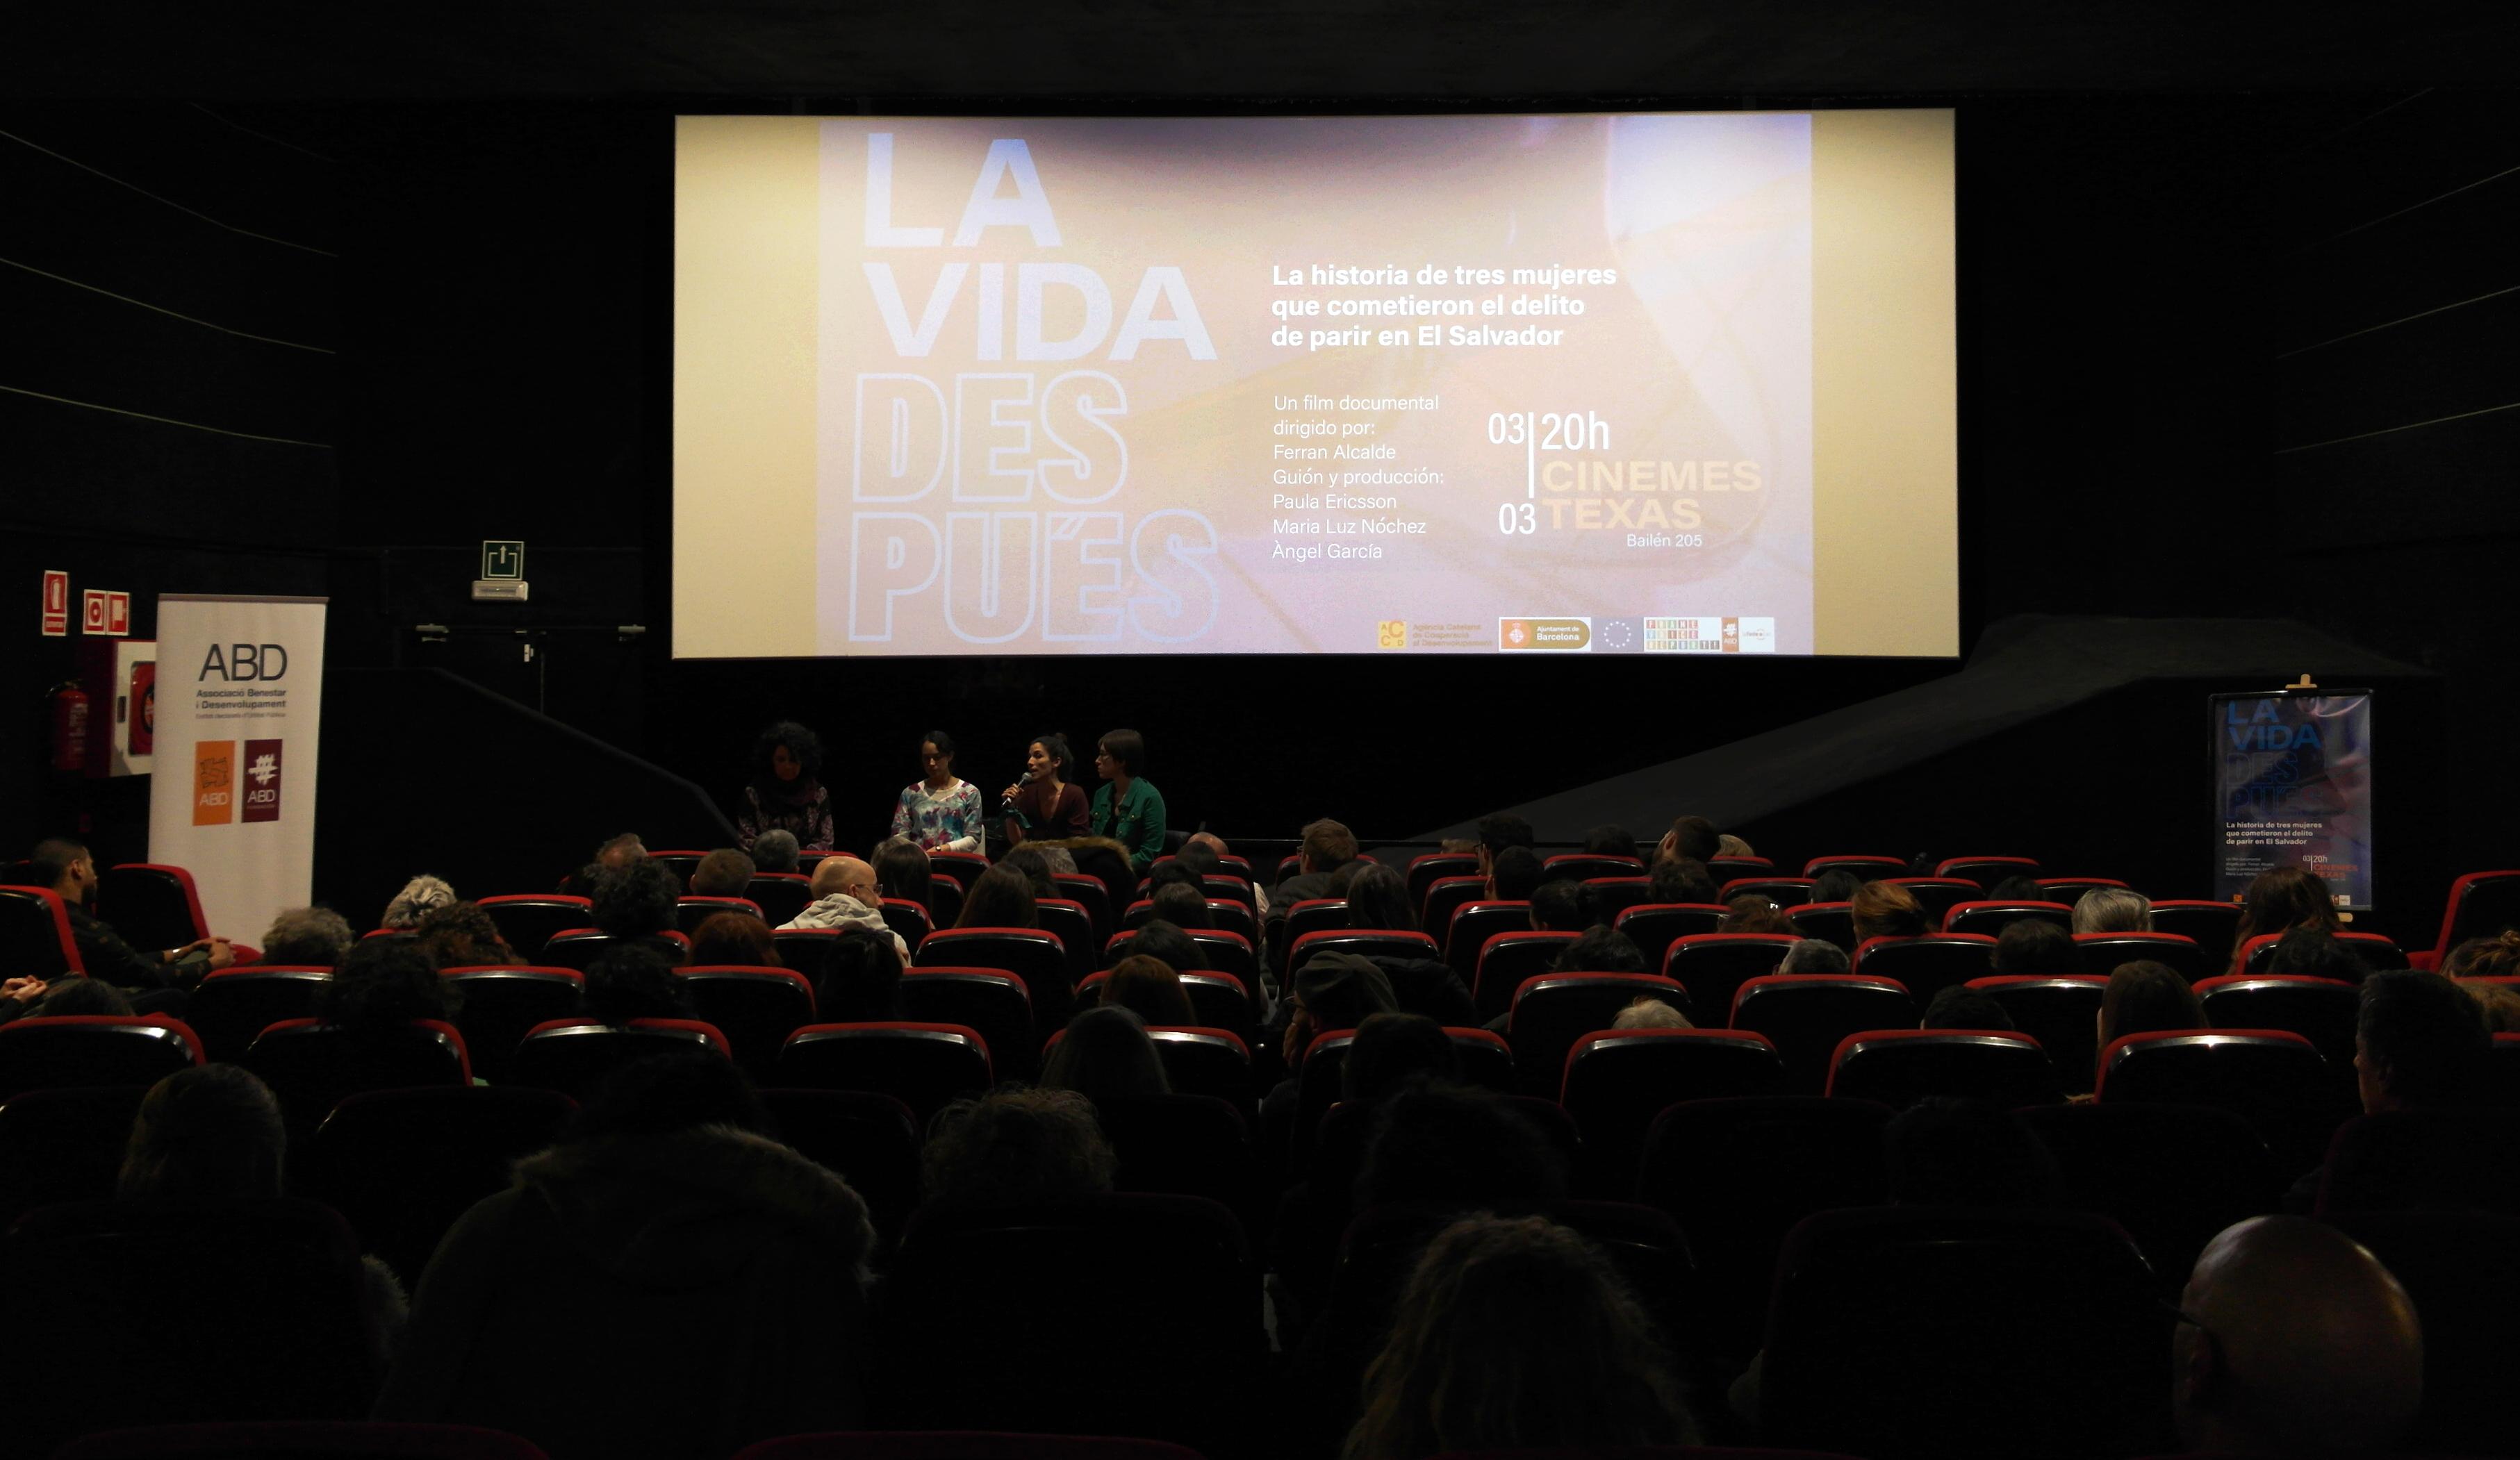 La presentació del documental 'La vida després' omple els Cinemes Texas en una jornada d'èxit